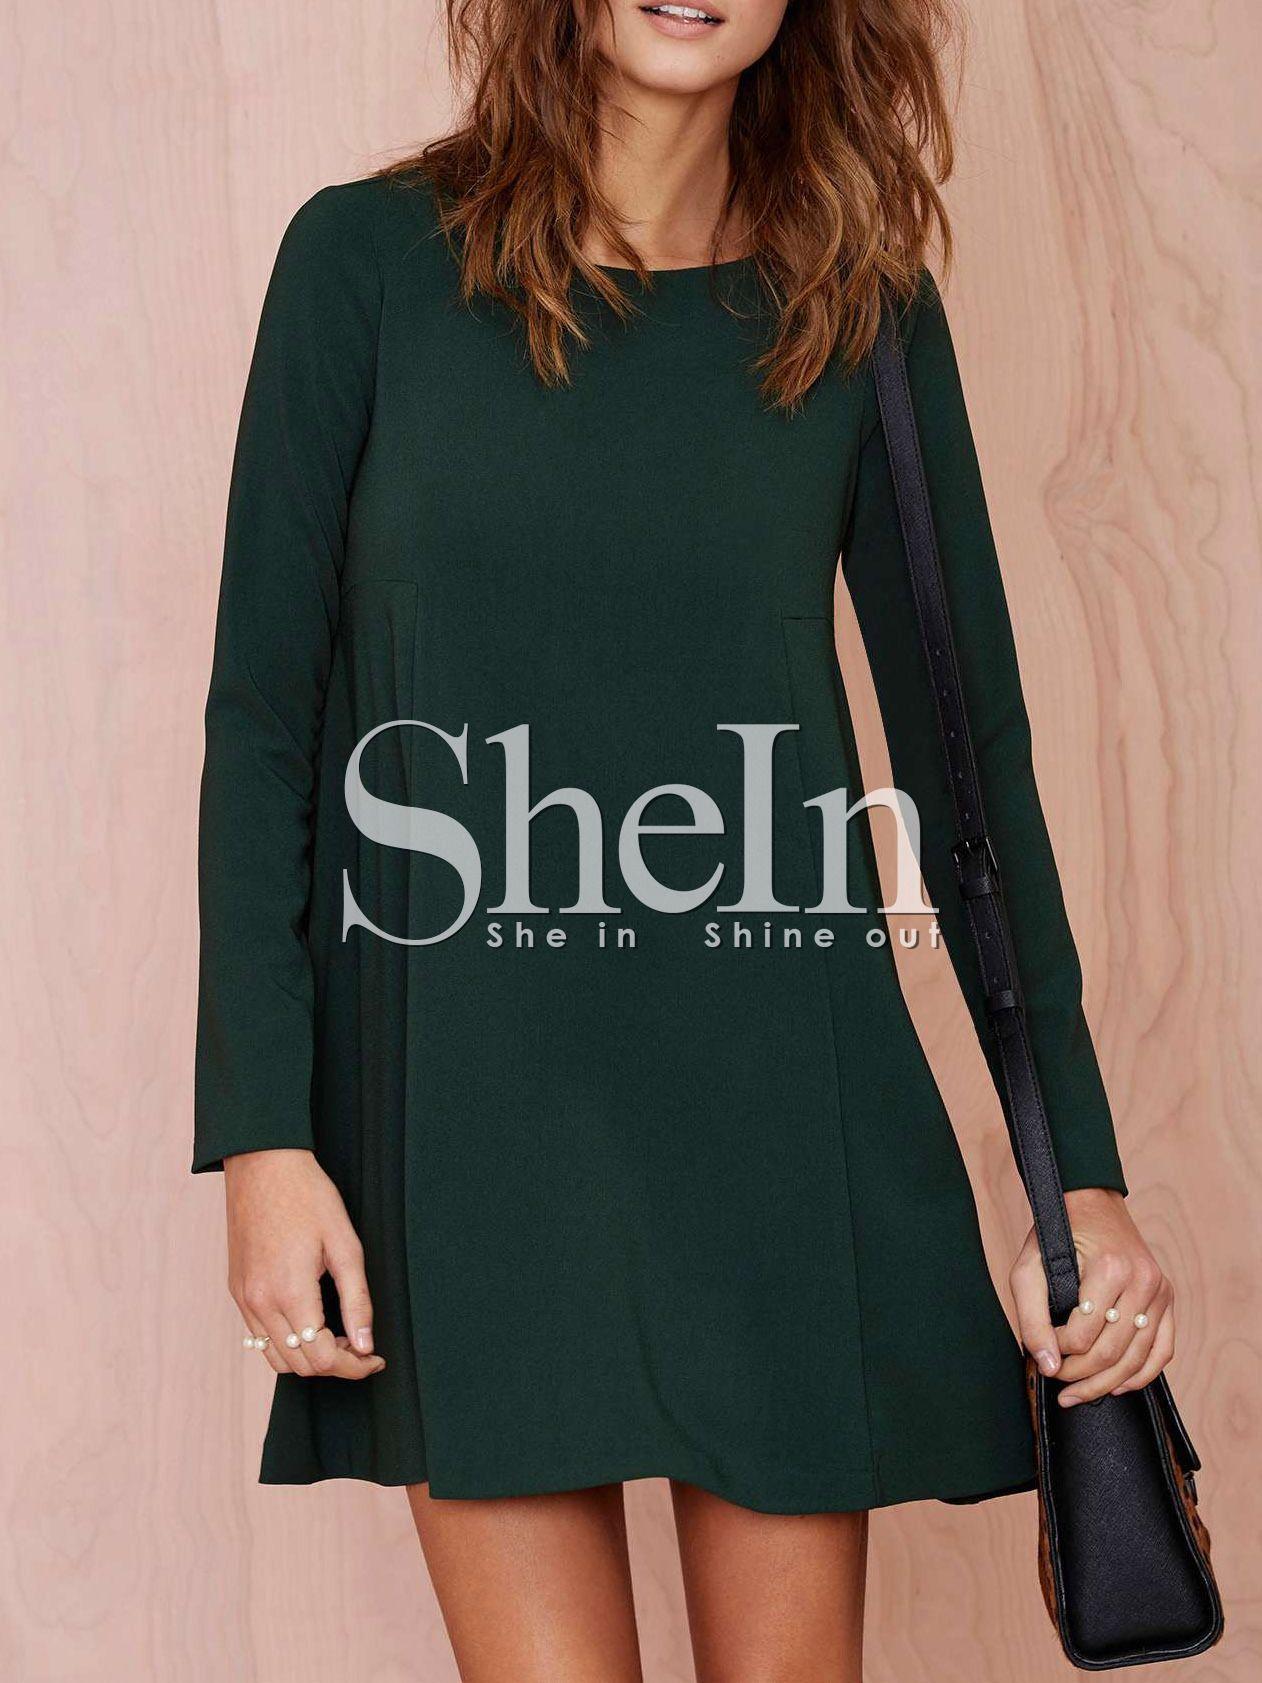 382dfabbf59c Negozio Vestito casual con maniche lunghe verde scuro on-line. SheIn offre  Vestito casual con maniche lunghe verde scuro   di più per soddisfare le  vostre ...